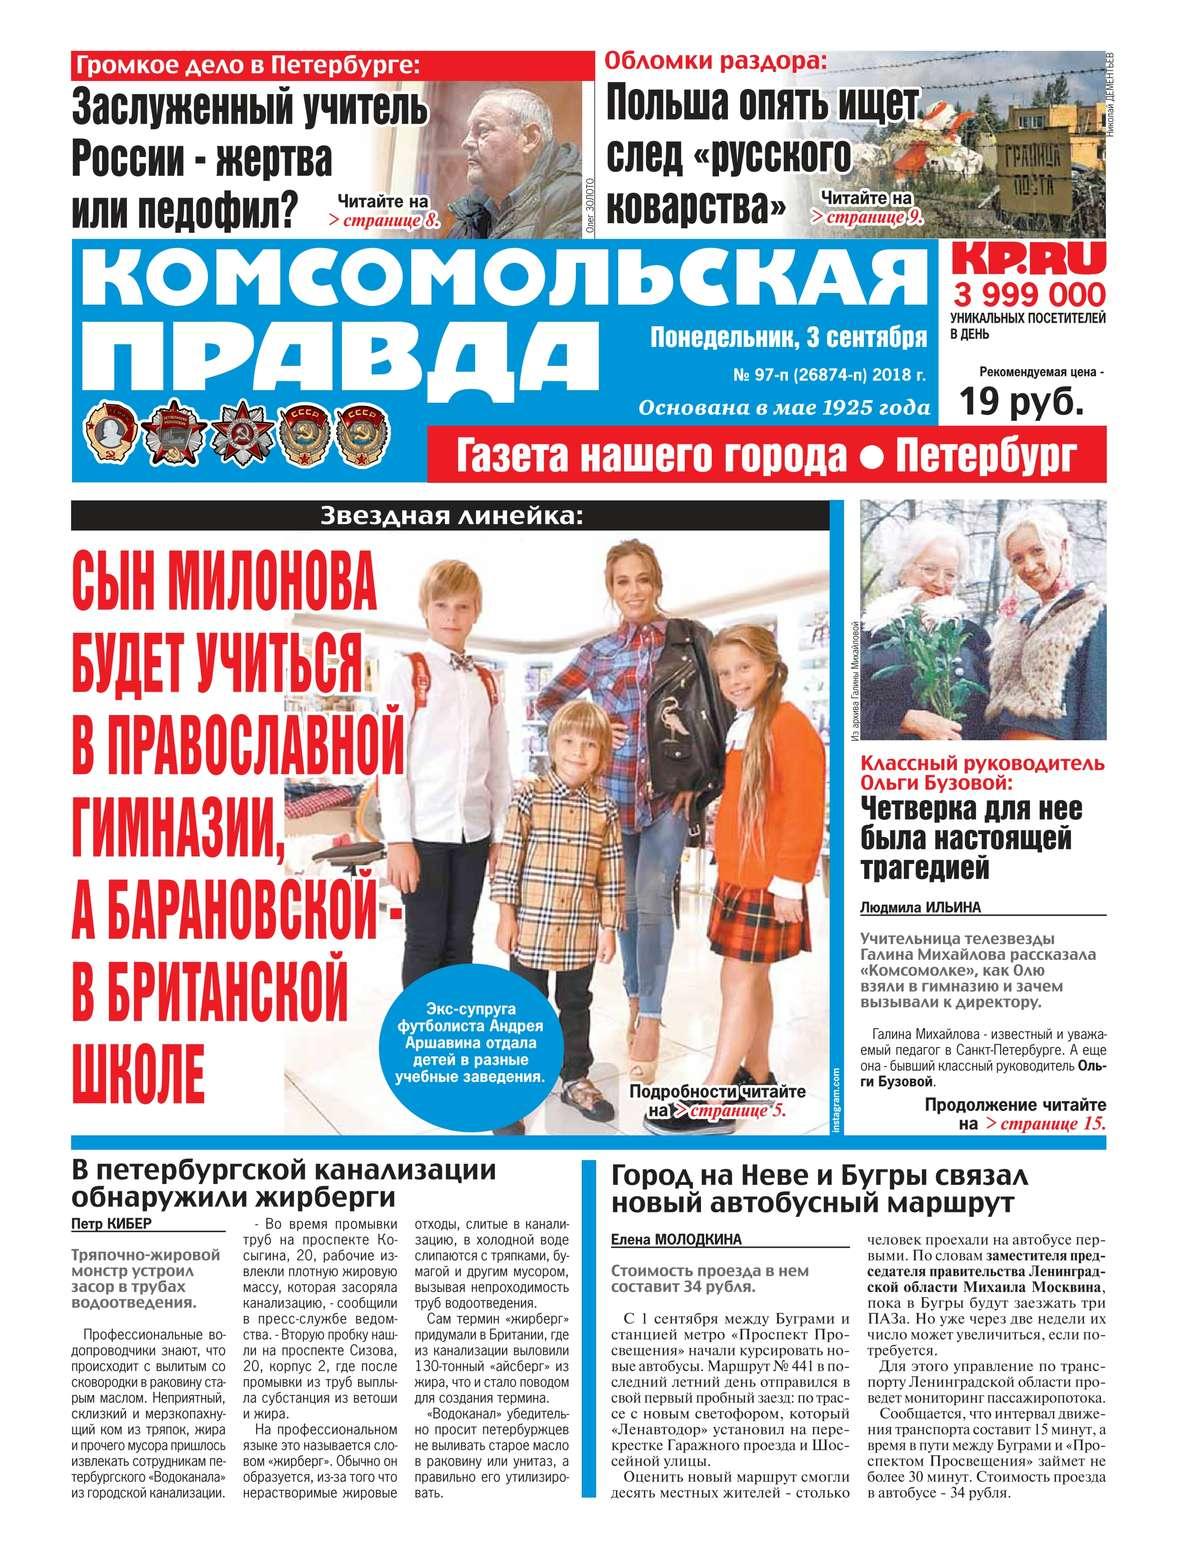 Редакция газеты Комсомольская Правда. - Комсомольская Правда. - 97п-2018